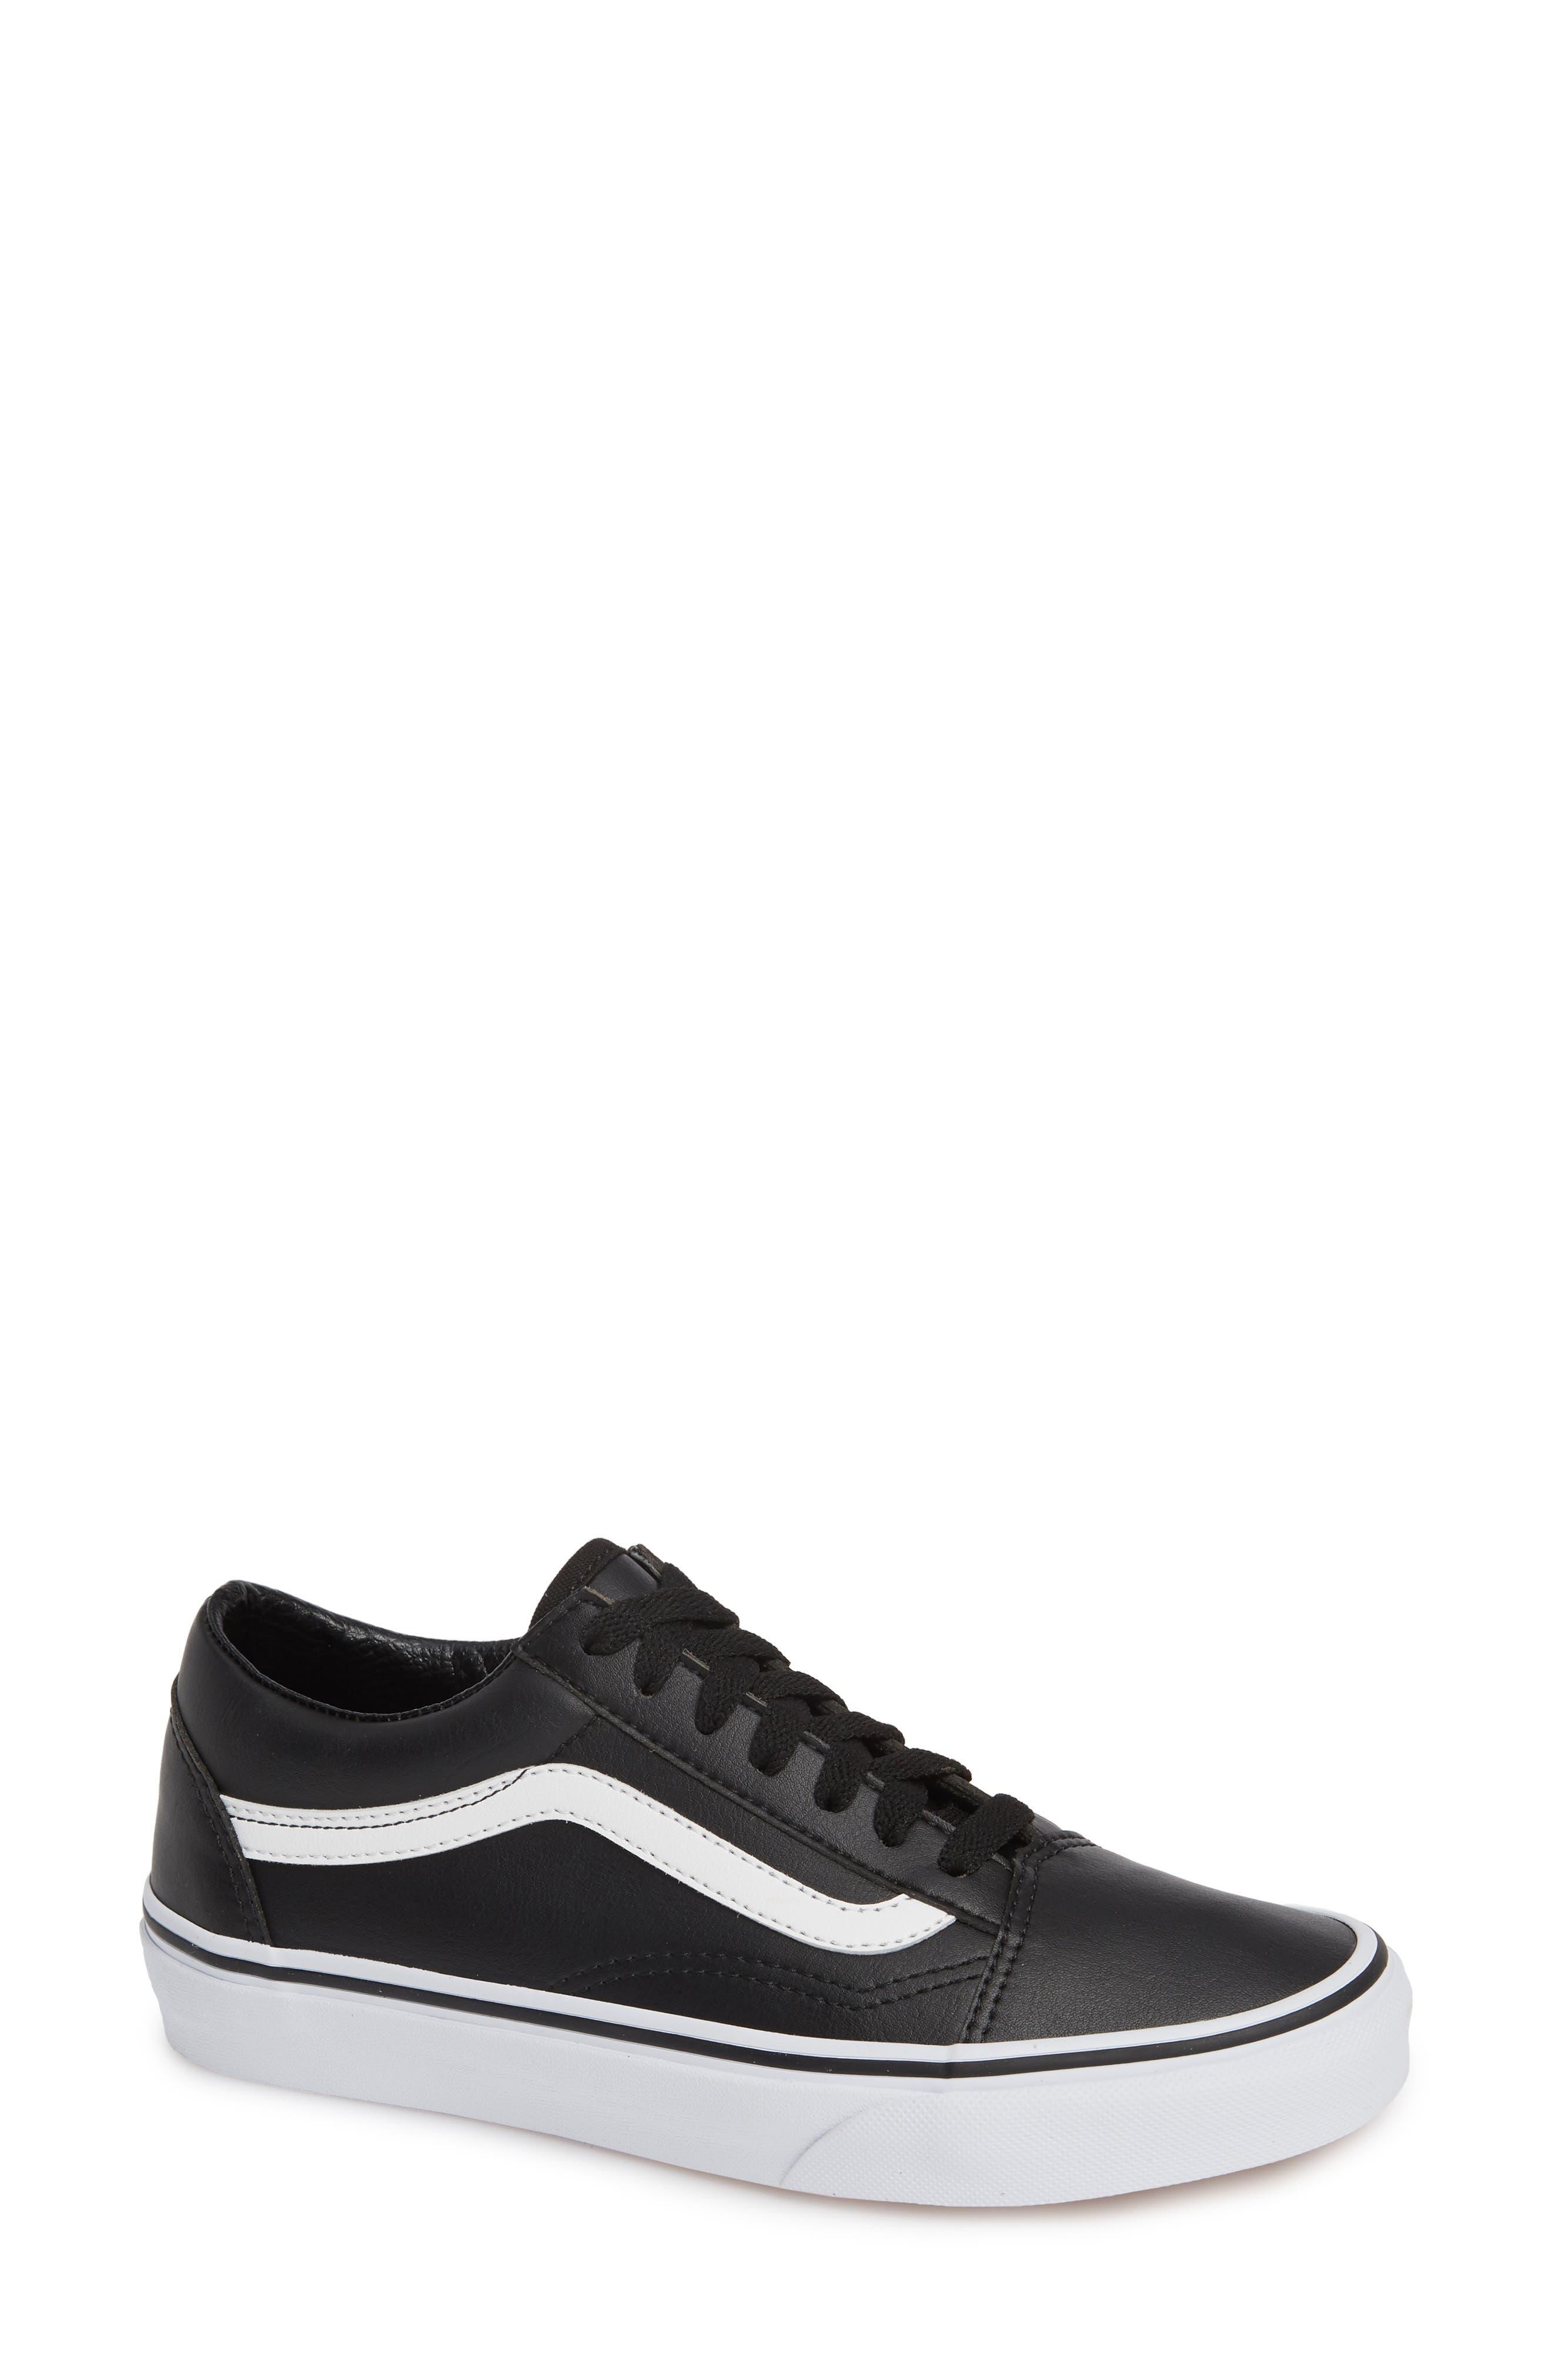 Old Skool Tumble Sneaker,                             Main thumbnail 1, color,                             BLACK/ TRUE WHITE